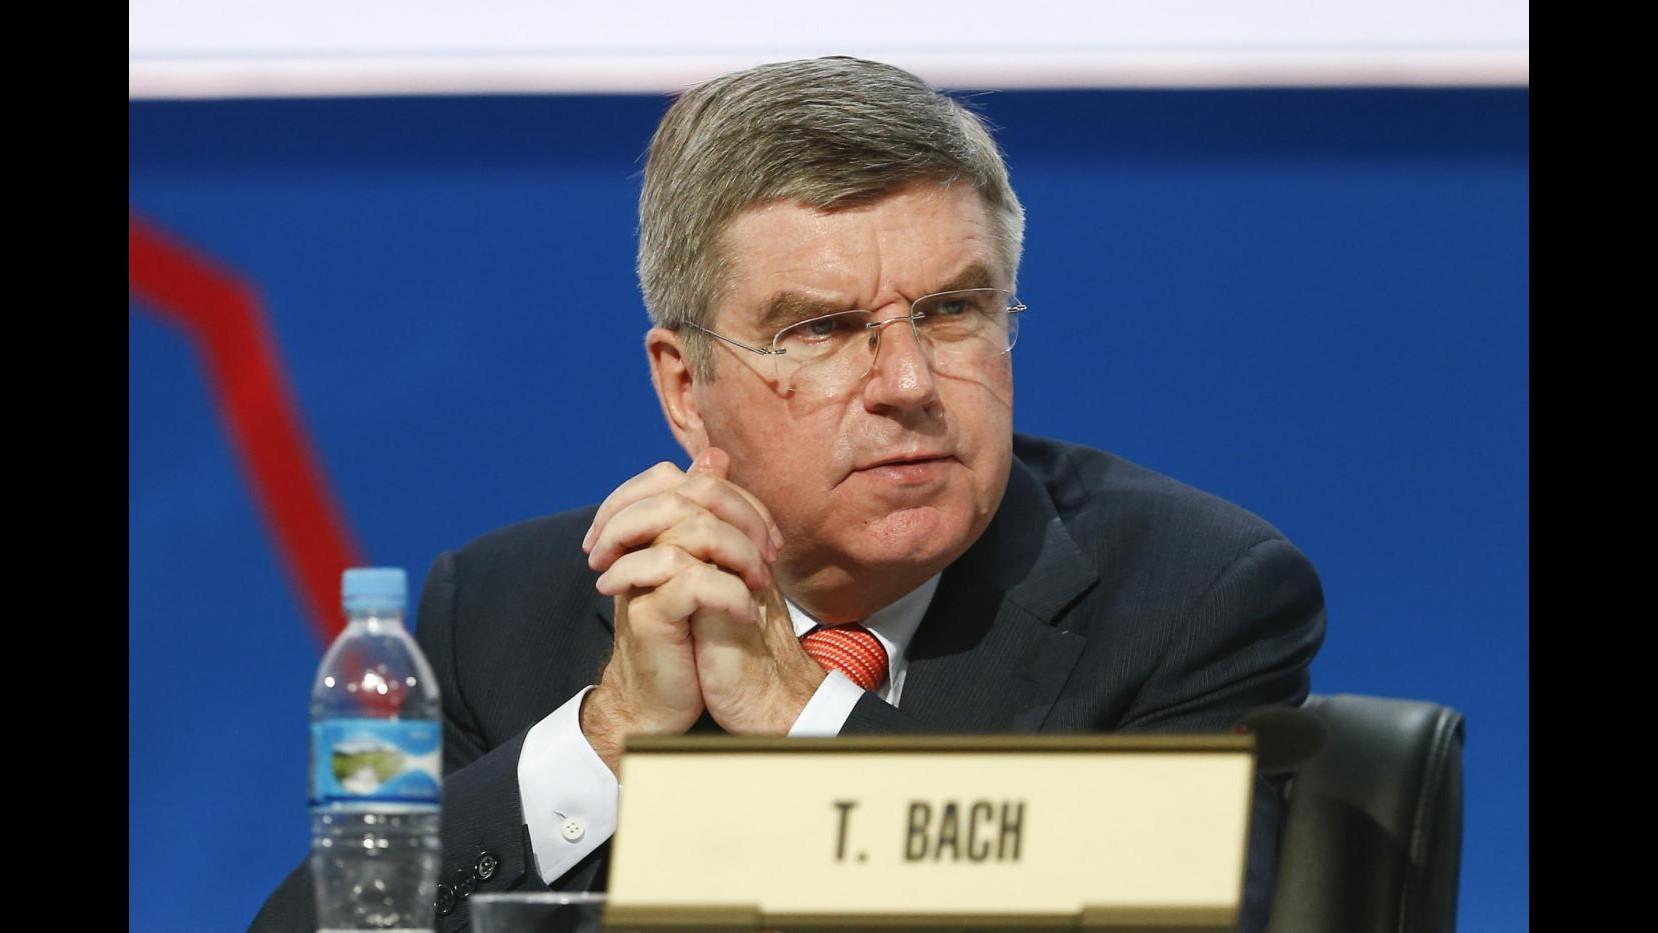 Tedesco Thomas Bach eletto nuovo presidente del Cio. Malagò: Con lui si apre una nuova era